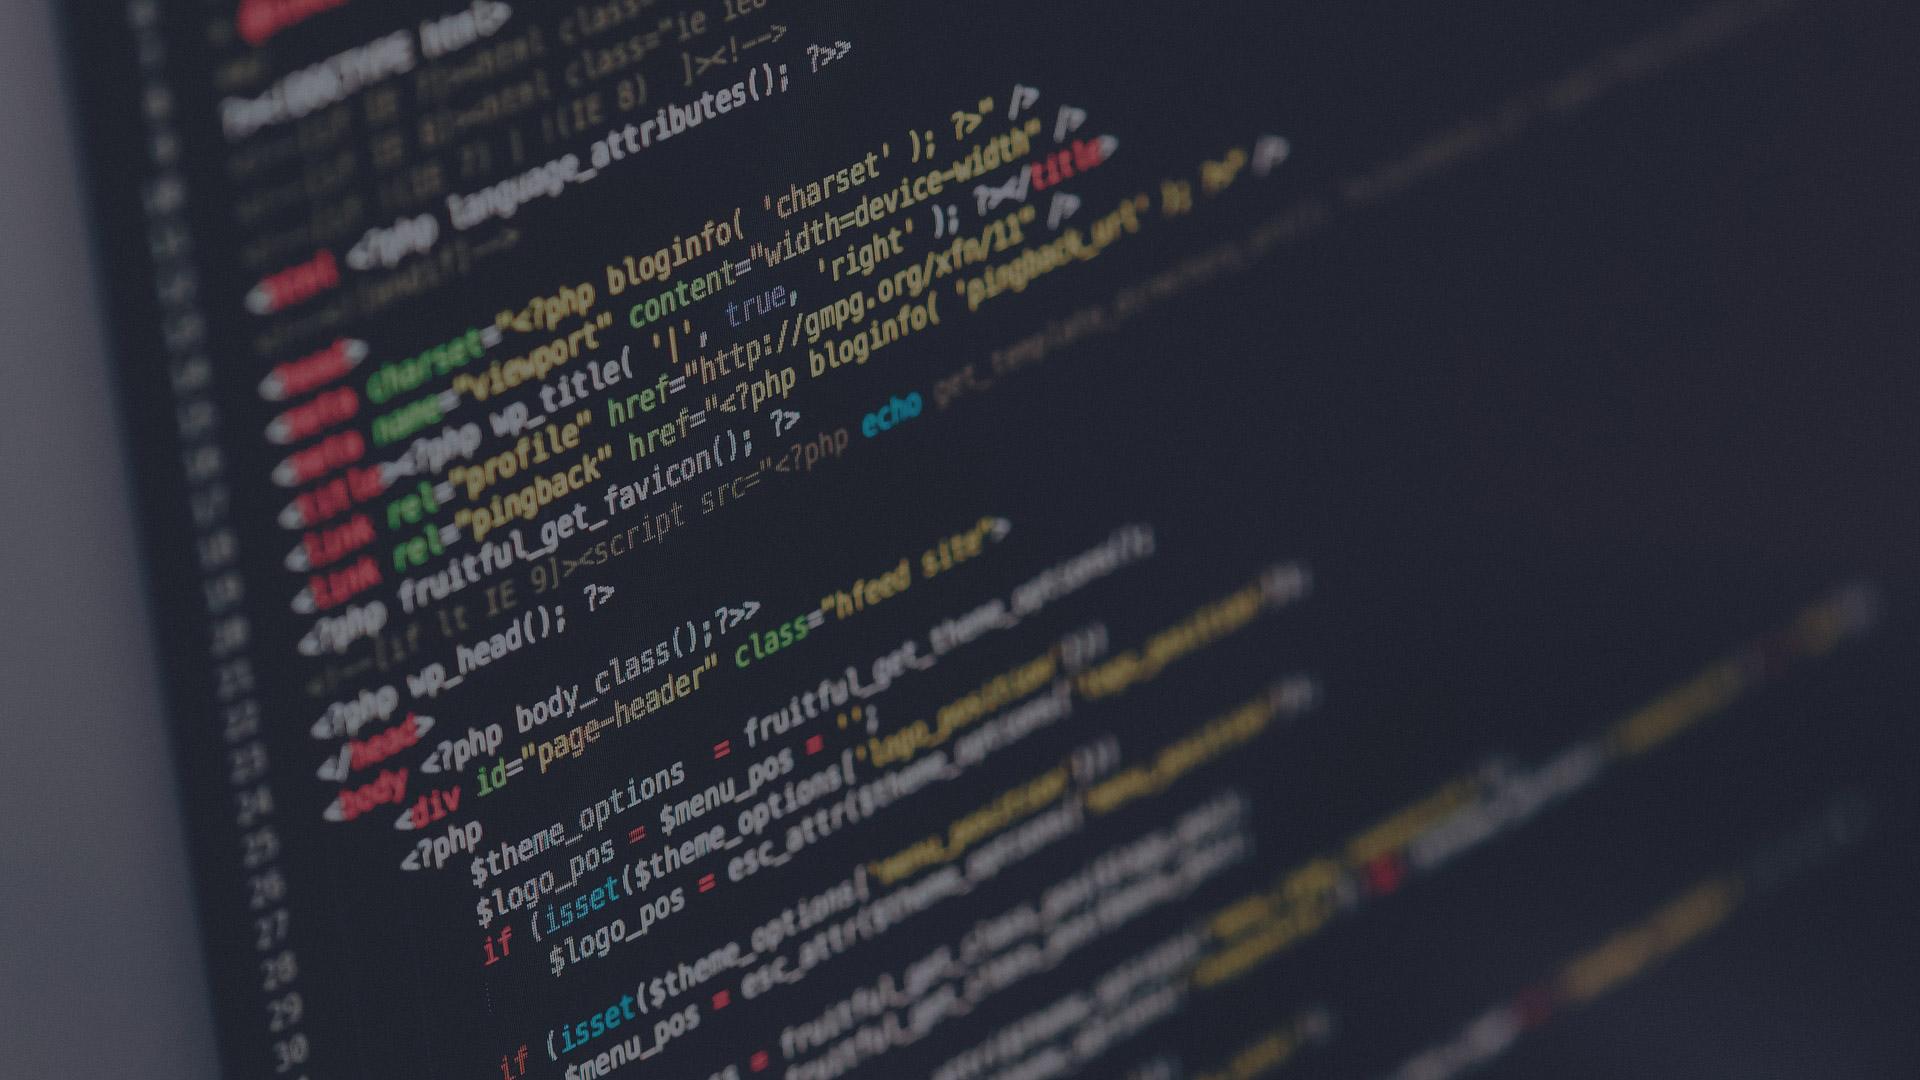 Spectra Studio Works - webontwikkeling, snel, veilig en accuraat, voor duurzame websites